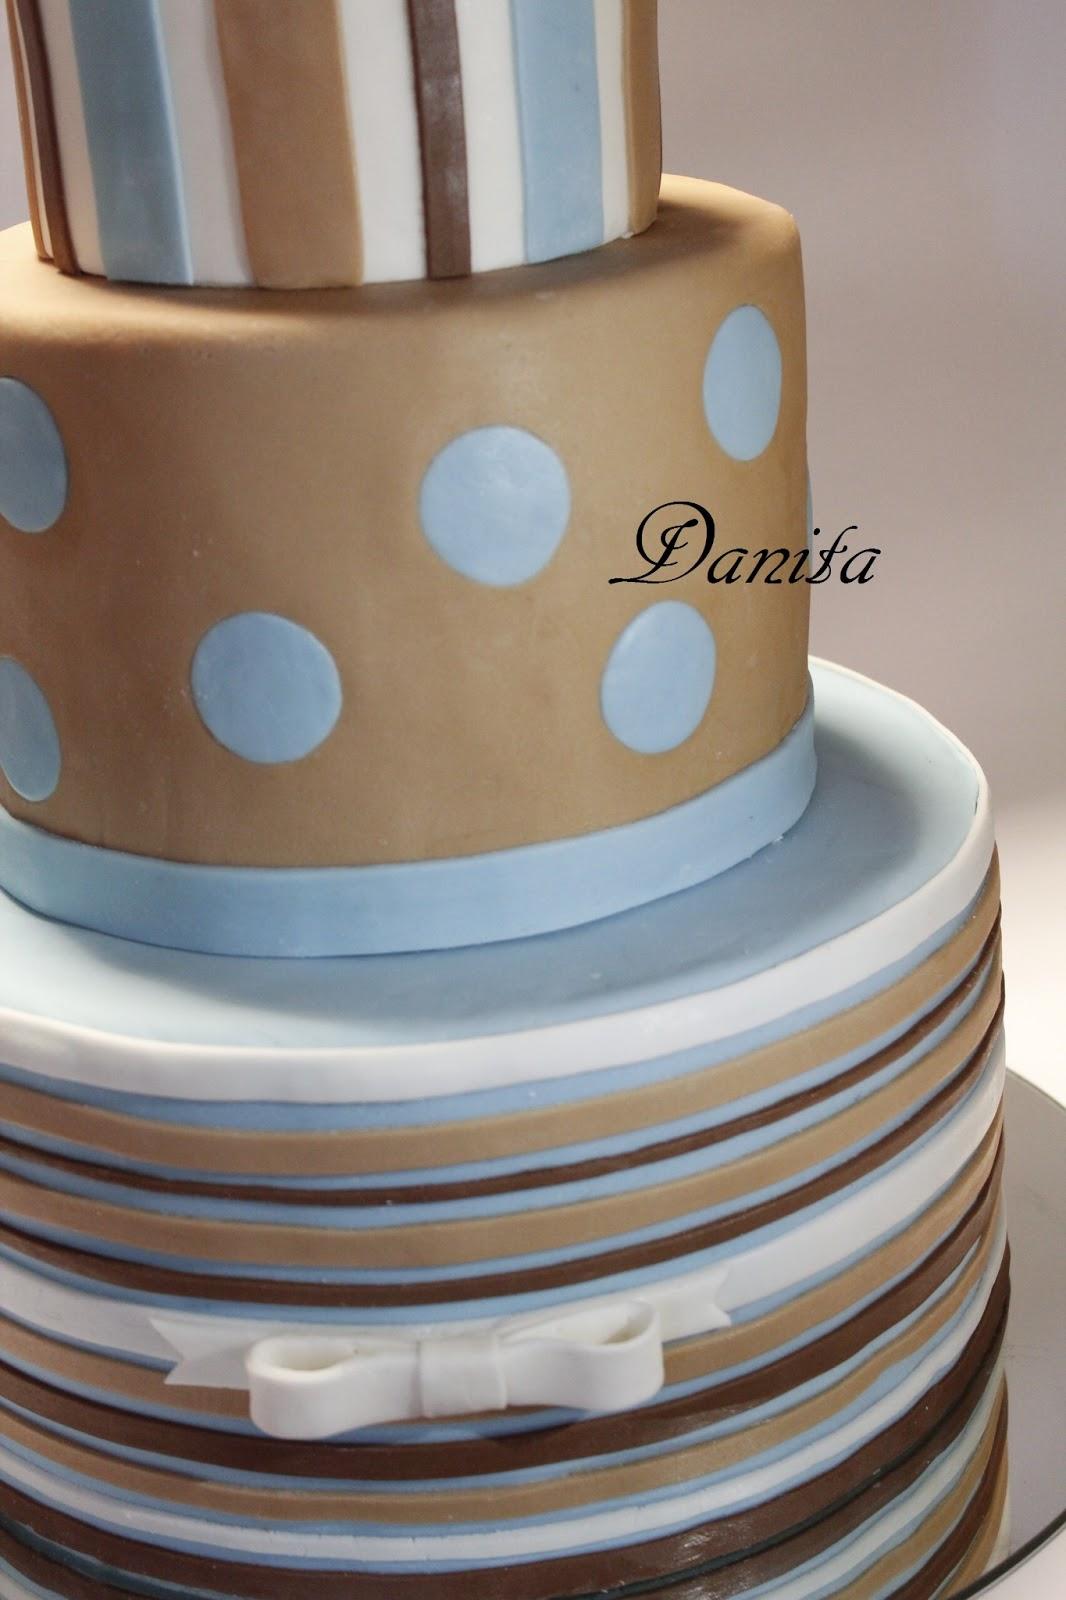 abbastanza Le leccornie di Danita: Torta a righe e pois per comunione OR34